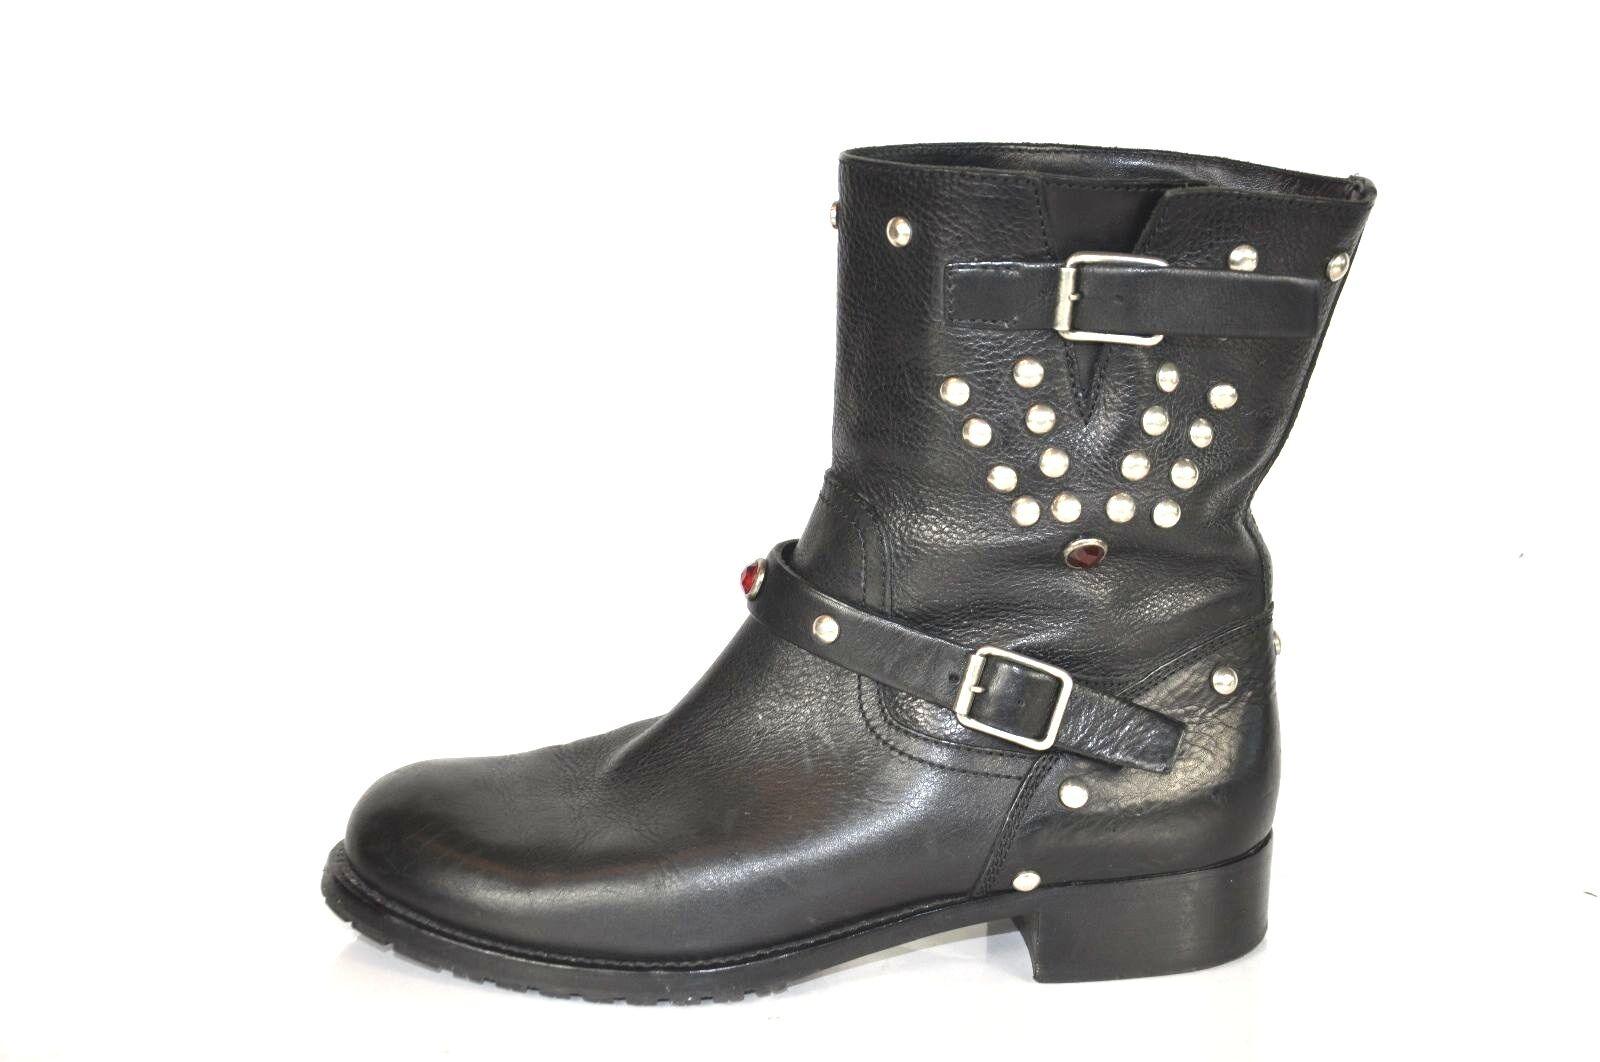 la migliore offerta del negozio online Ralph Lauren nero Leather  Embellished Moto stivali stivali stivali Dimensione 9B  centro commerciale di moda